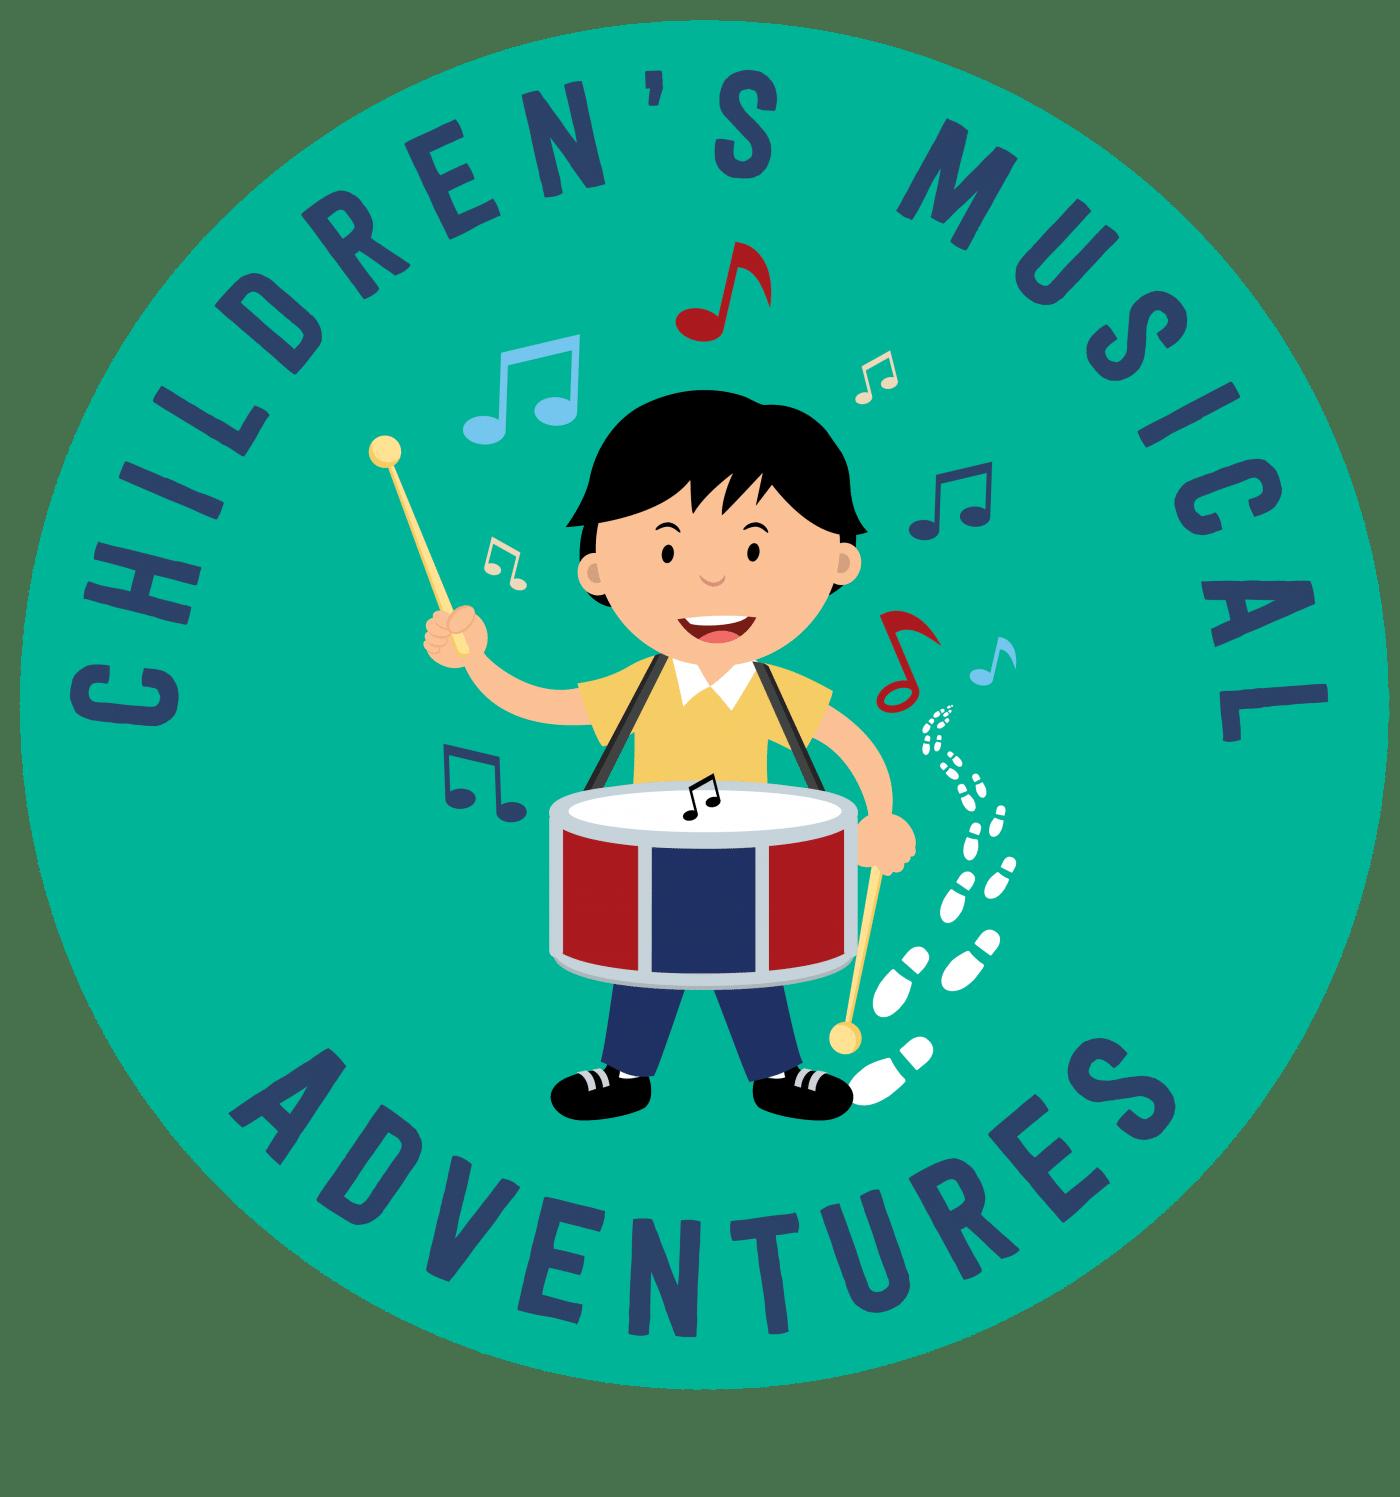 Penarth chamber family concert. Musical clipart music festival